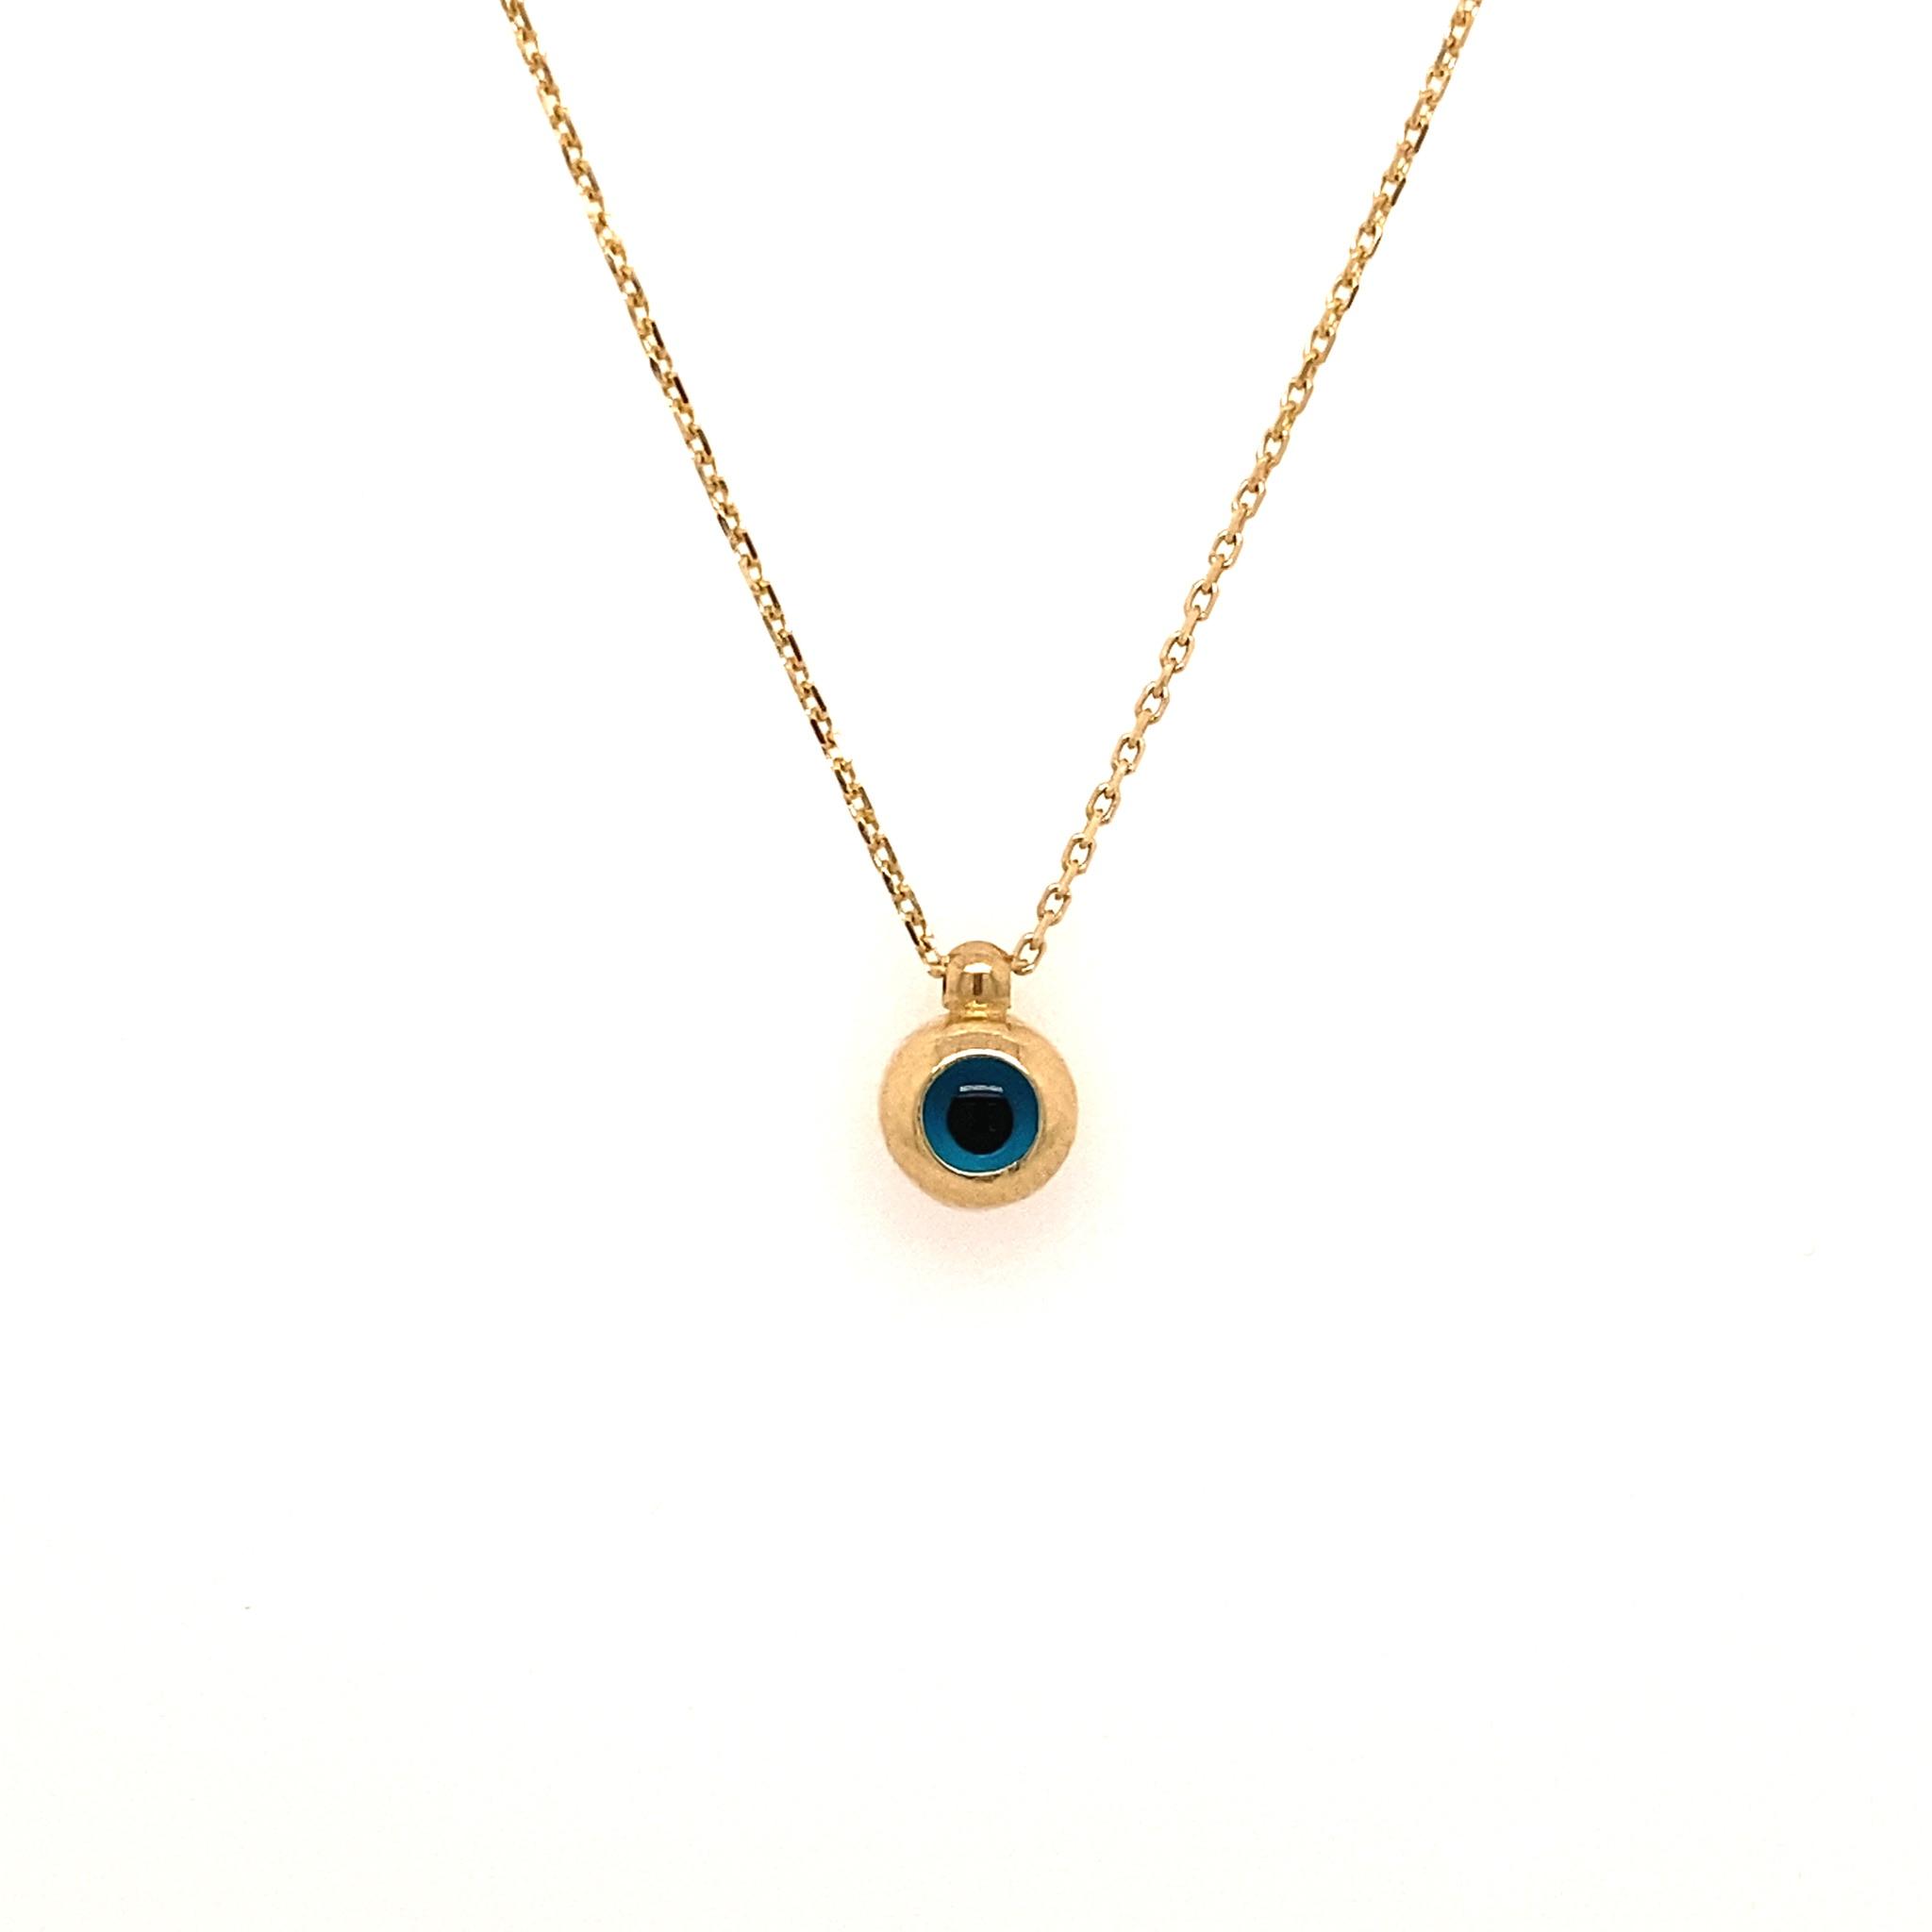 585 Goldkette | Eye small